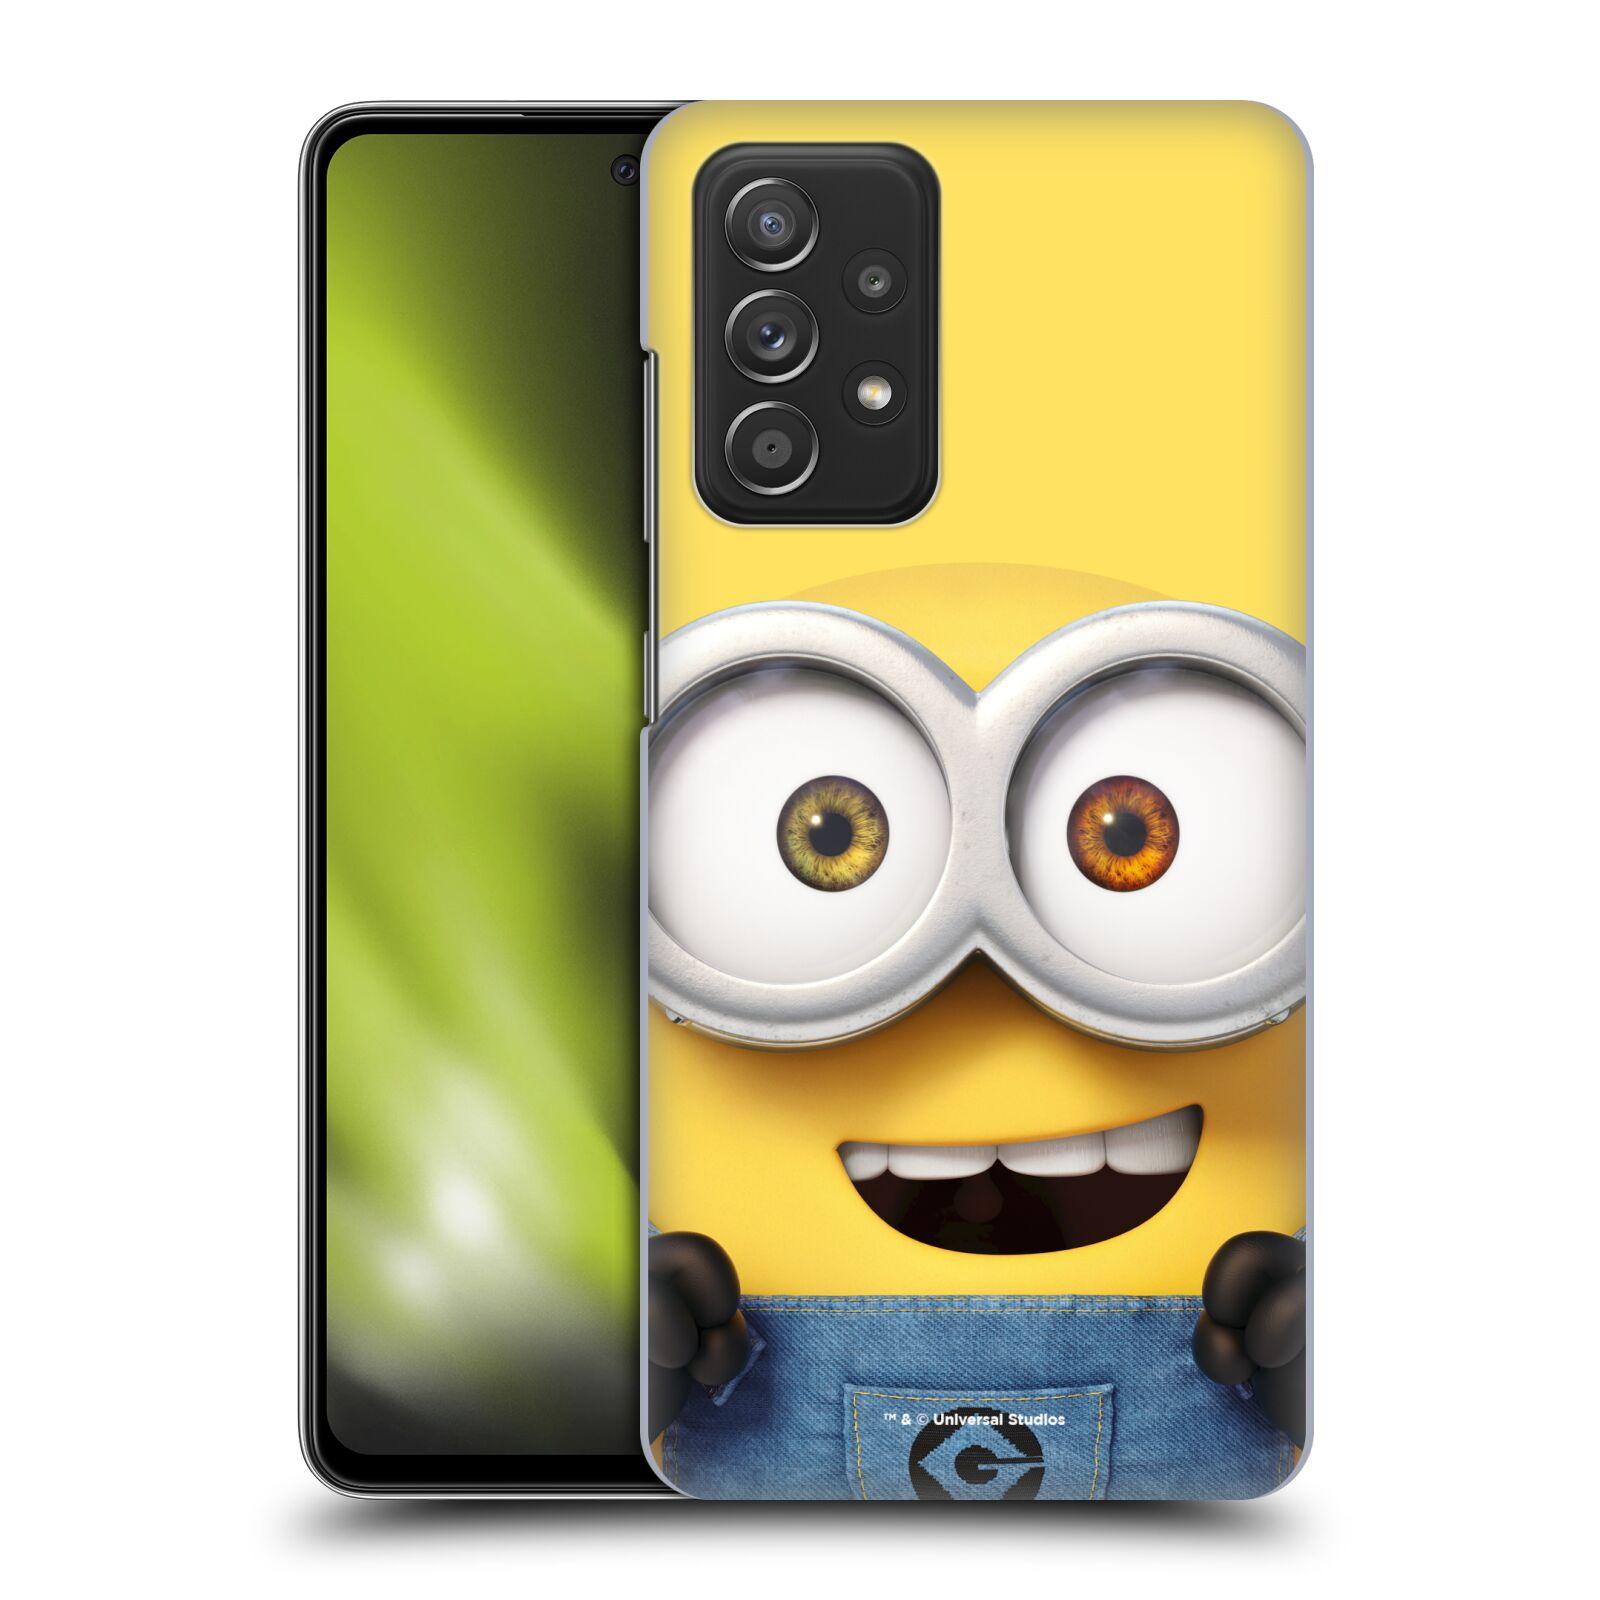 Plastové pouzdro na mobil Samsung Galaxy A52 / A52 5G / A52s 5G - Head Case - Mimoň Bob z filmu Já, padouch - Despicable Me